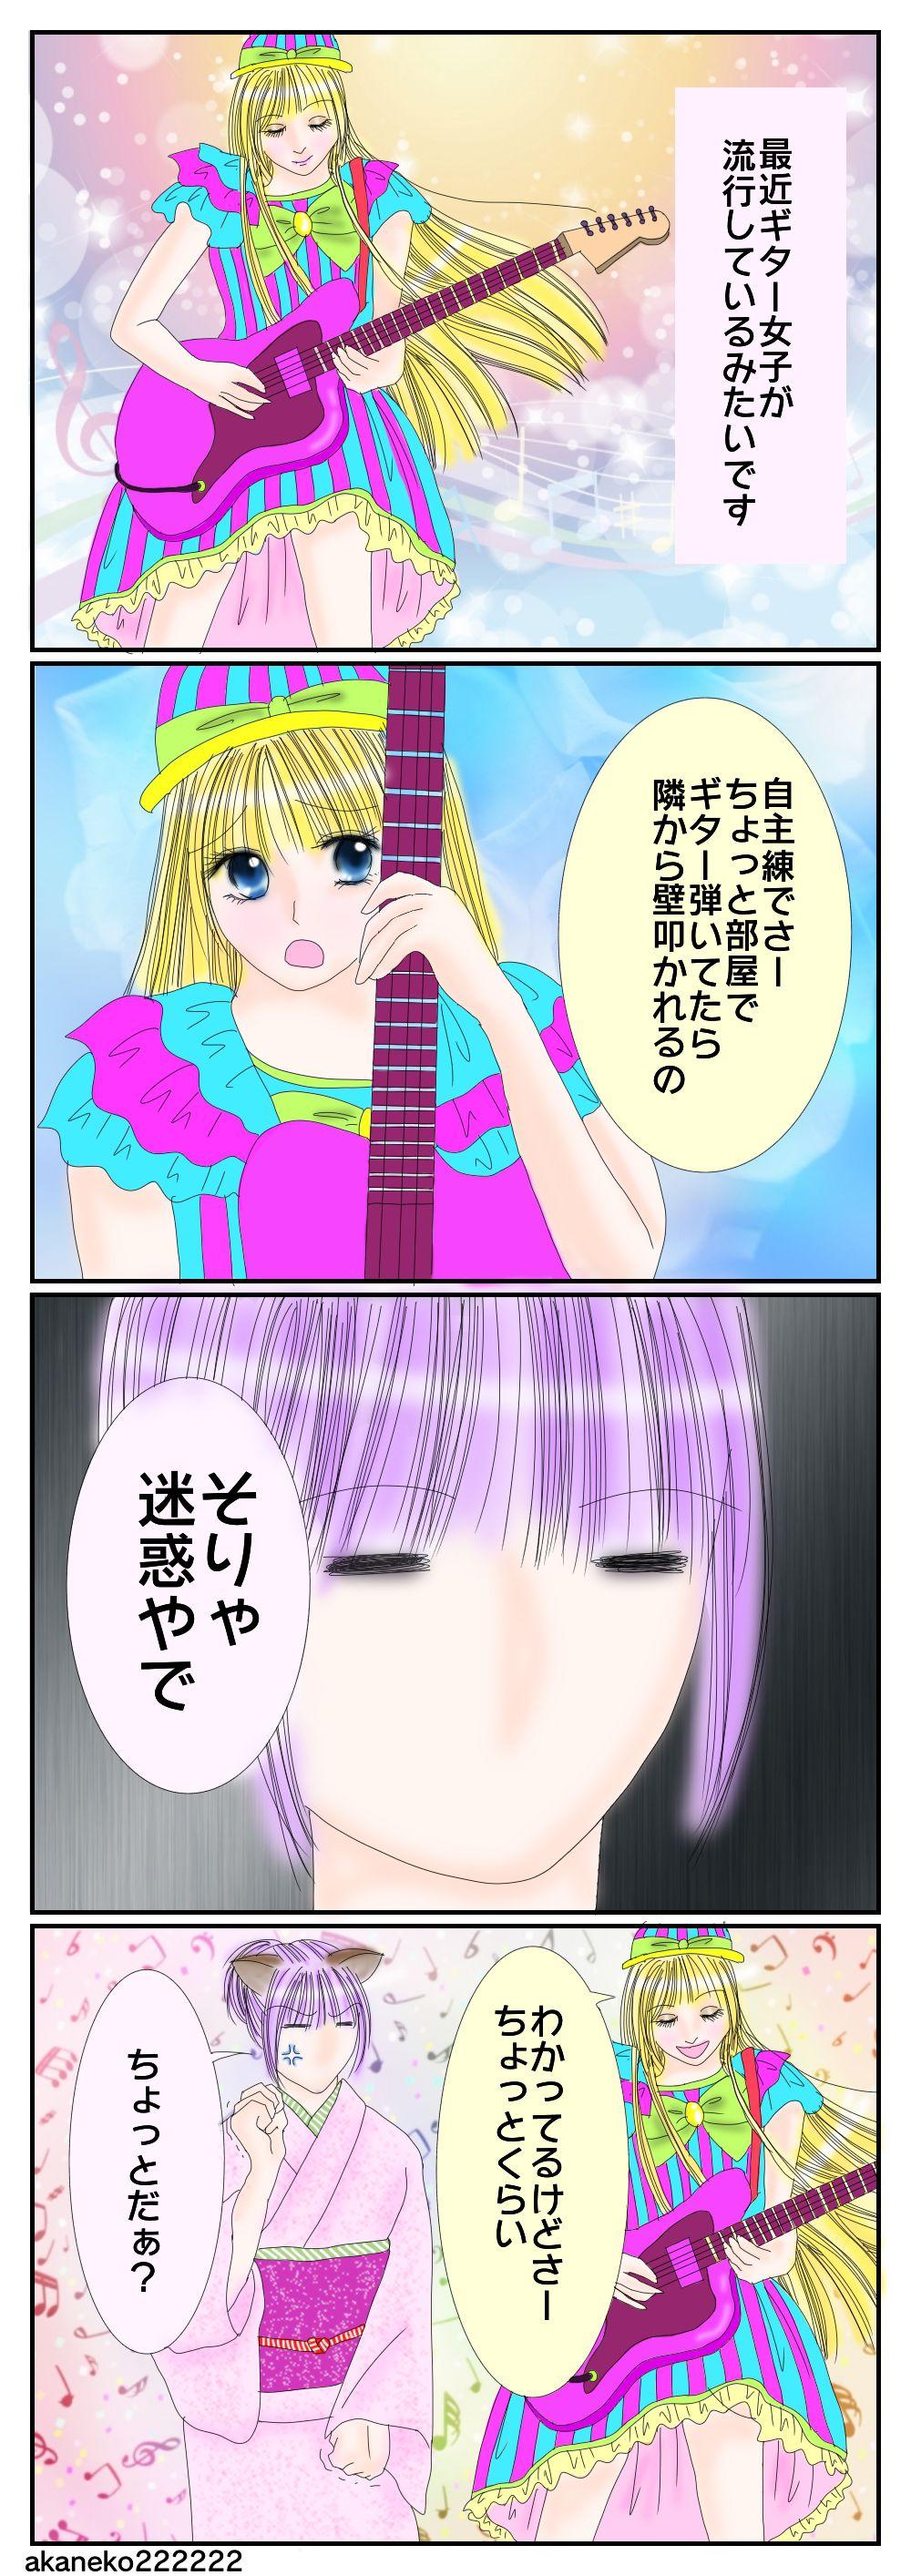 ギターを弾くアスペルガーアイドルの四コマ漫画